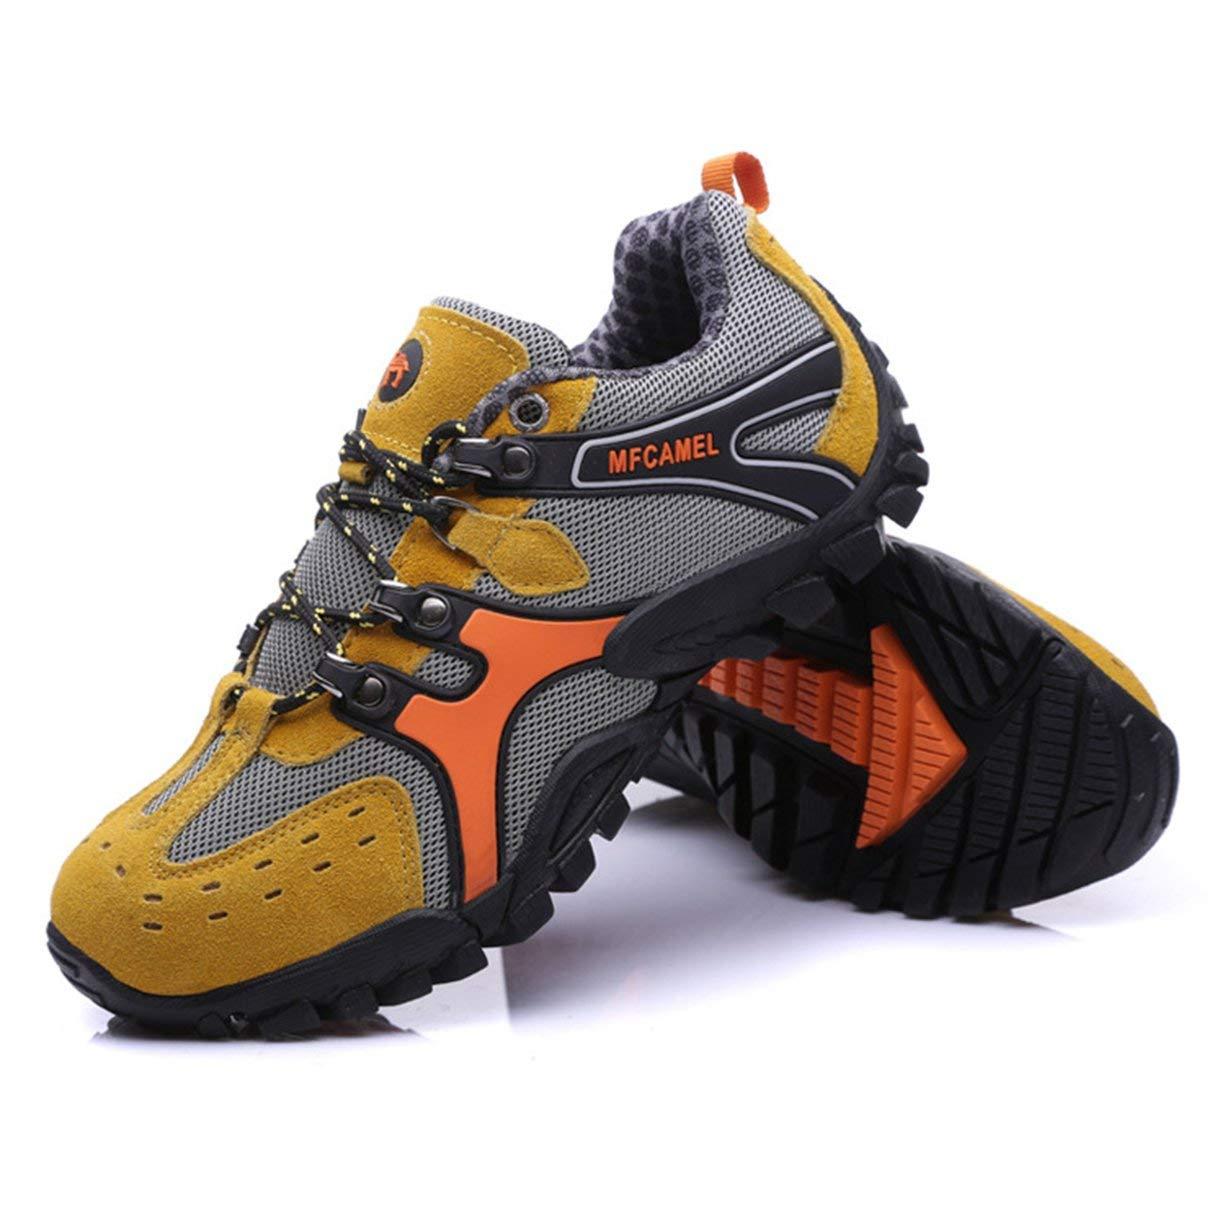 Timirror Outdoor Bergsteigen Schuhe Casual Sport Männer Wanderschuhe Schnürschuhe Für Klettern Berg Anti Slip und Wearable